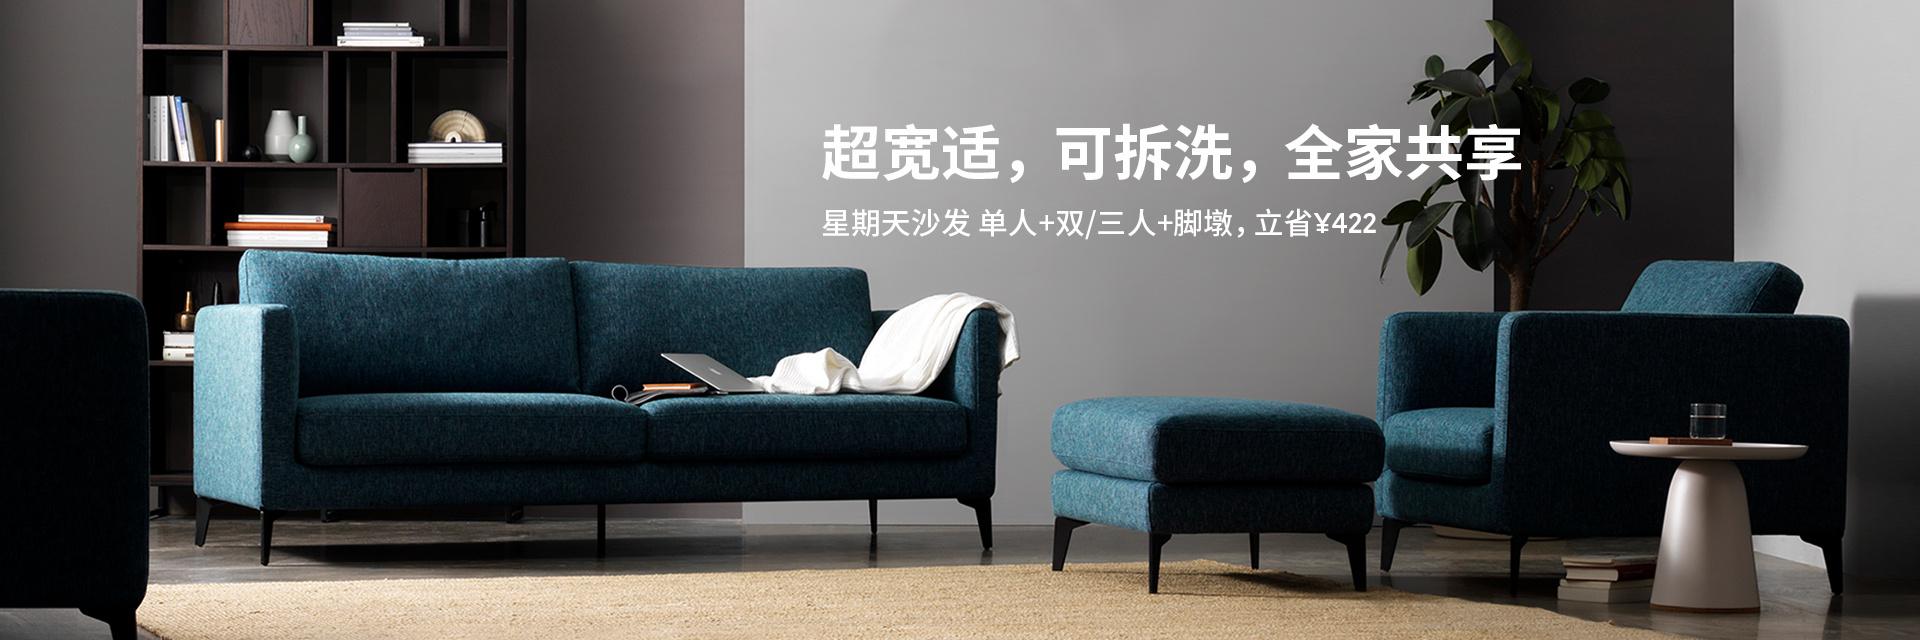 星期天沙发单人+双/三人+脚墩 立省¥422